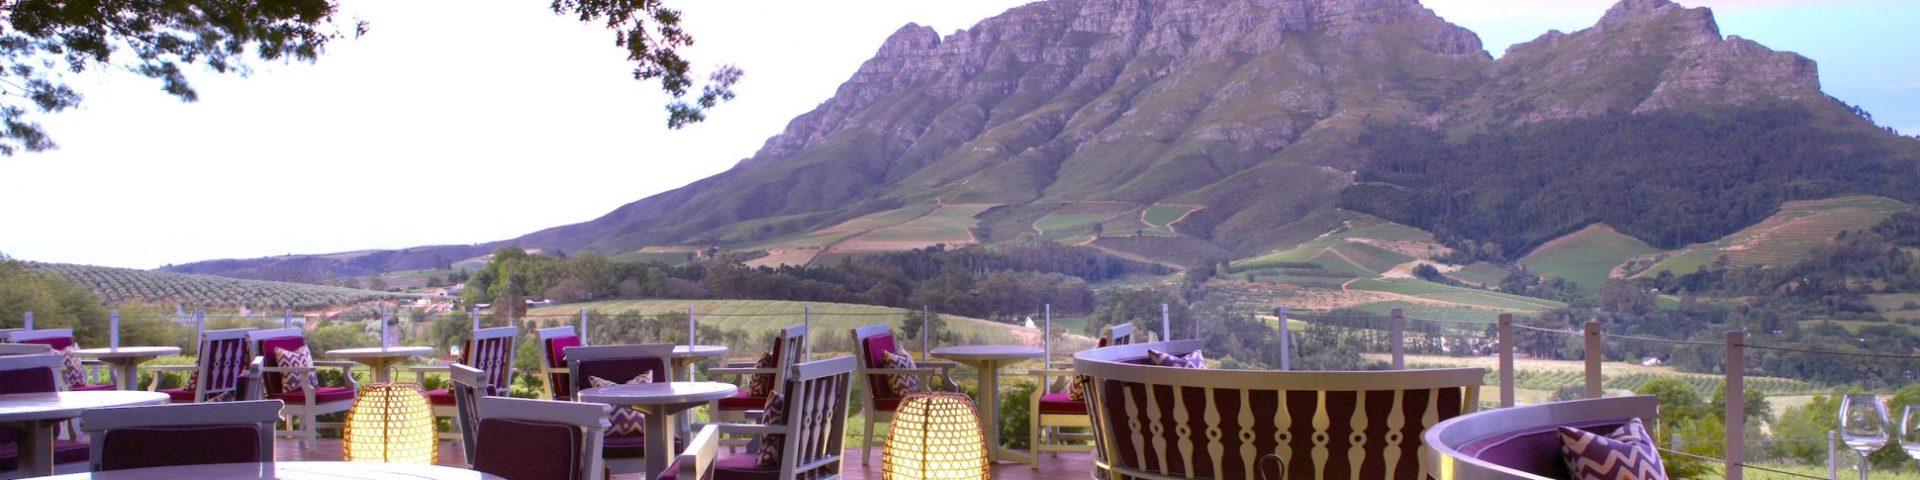 10 самых эксцентричных и экзотических ресторанов в мире